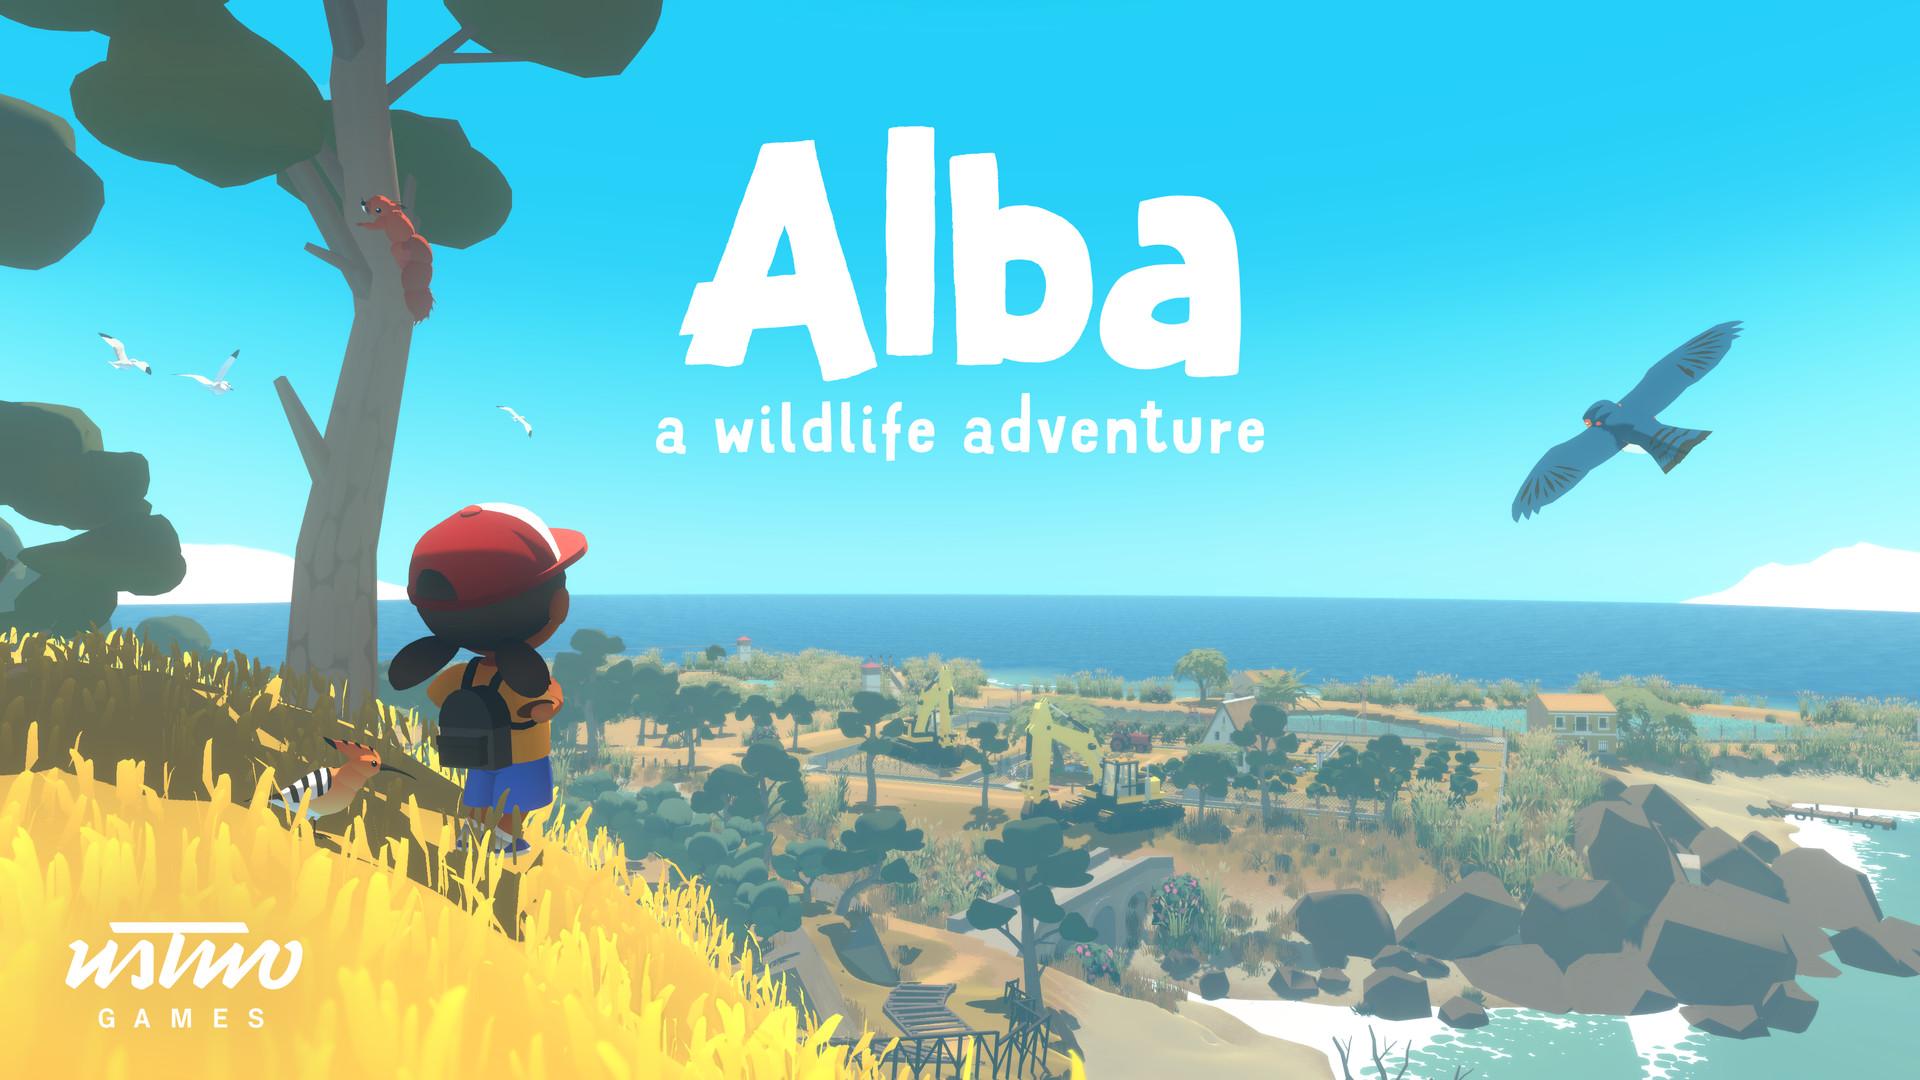 《纪念碑谷》团队公布新作《阿尔芭:野生动物冒险》